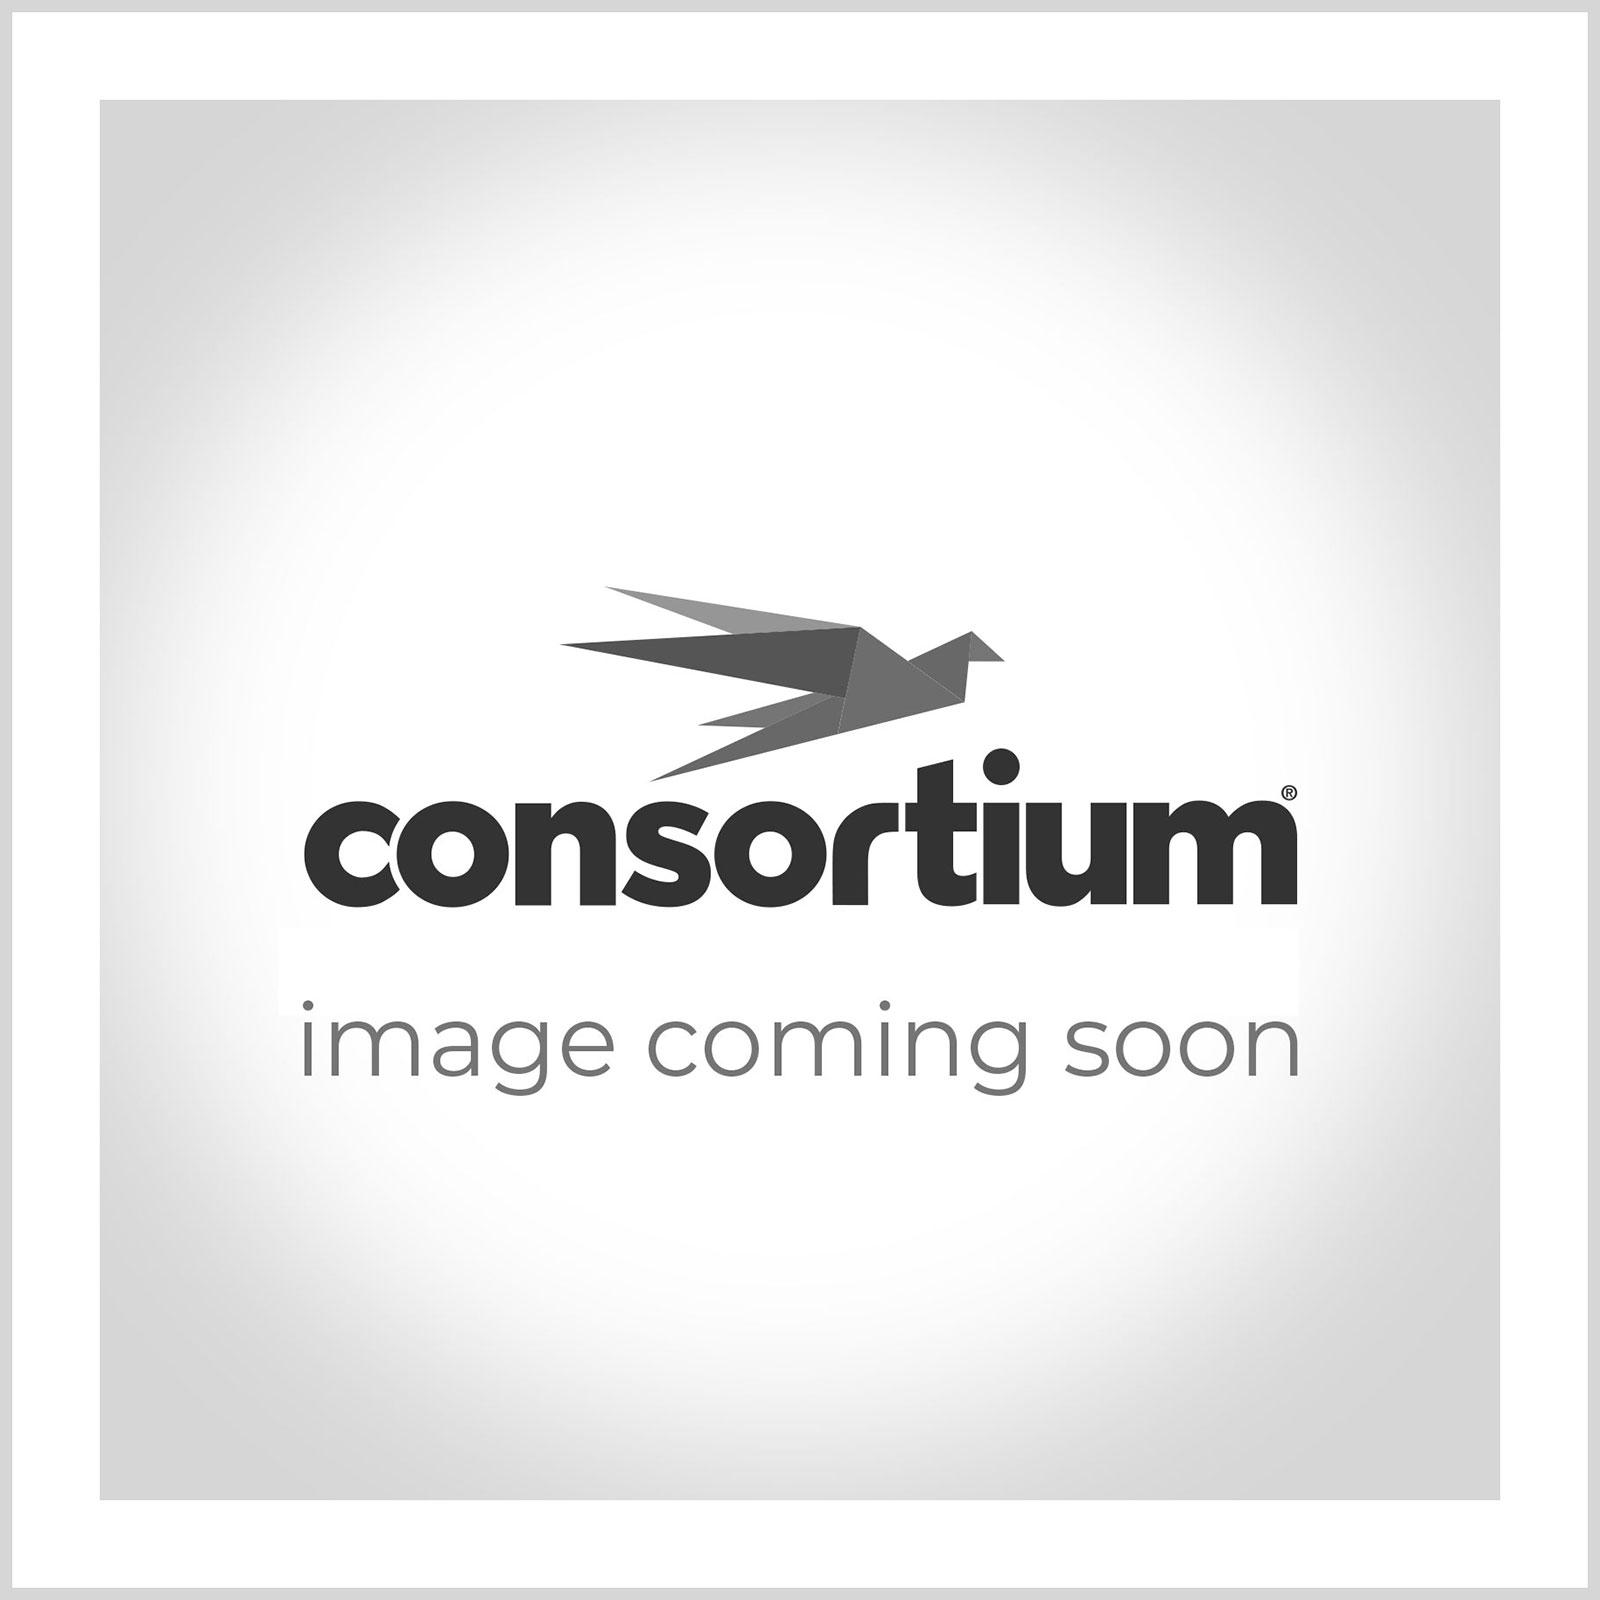 Consortium Biological Liquid Laundry Detergent